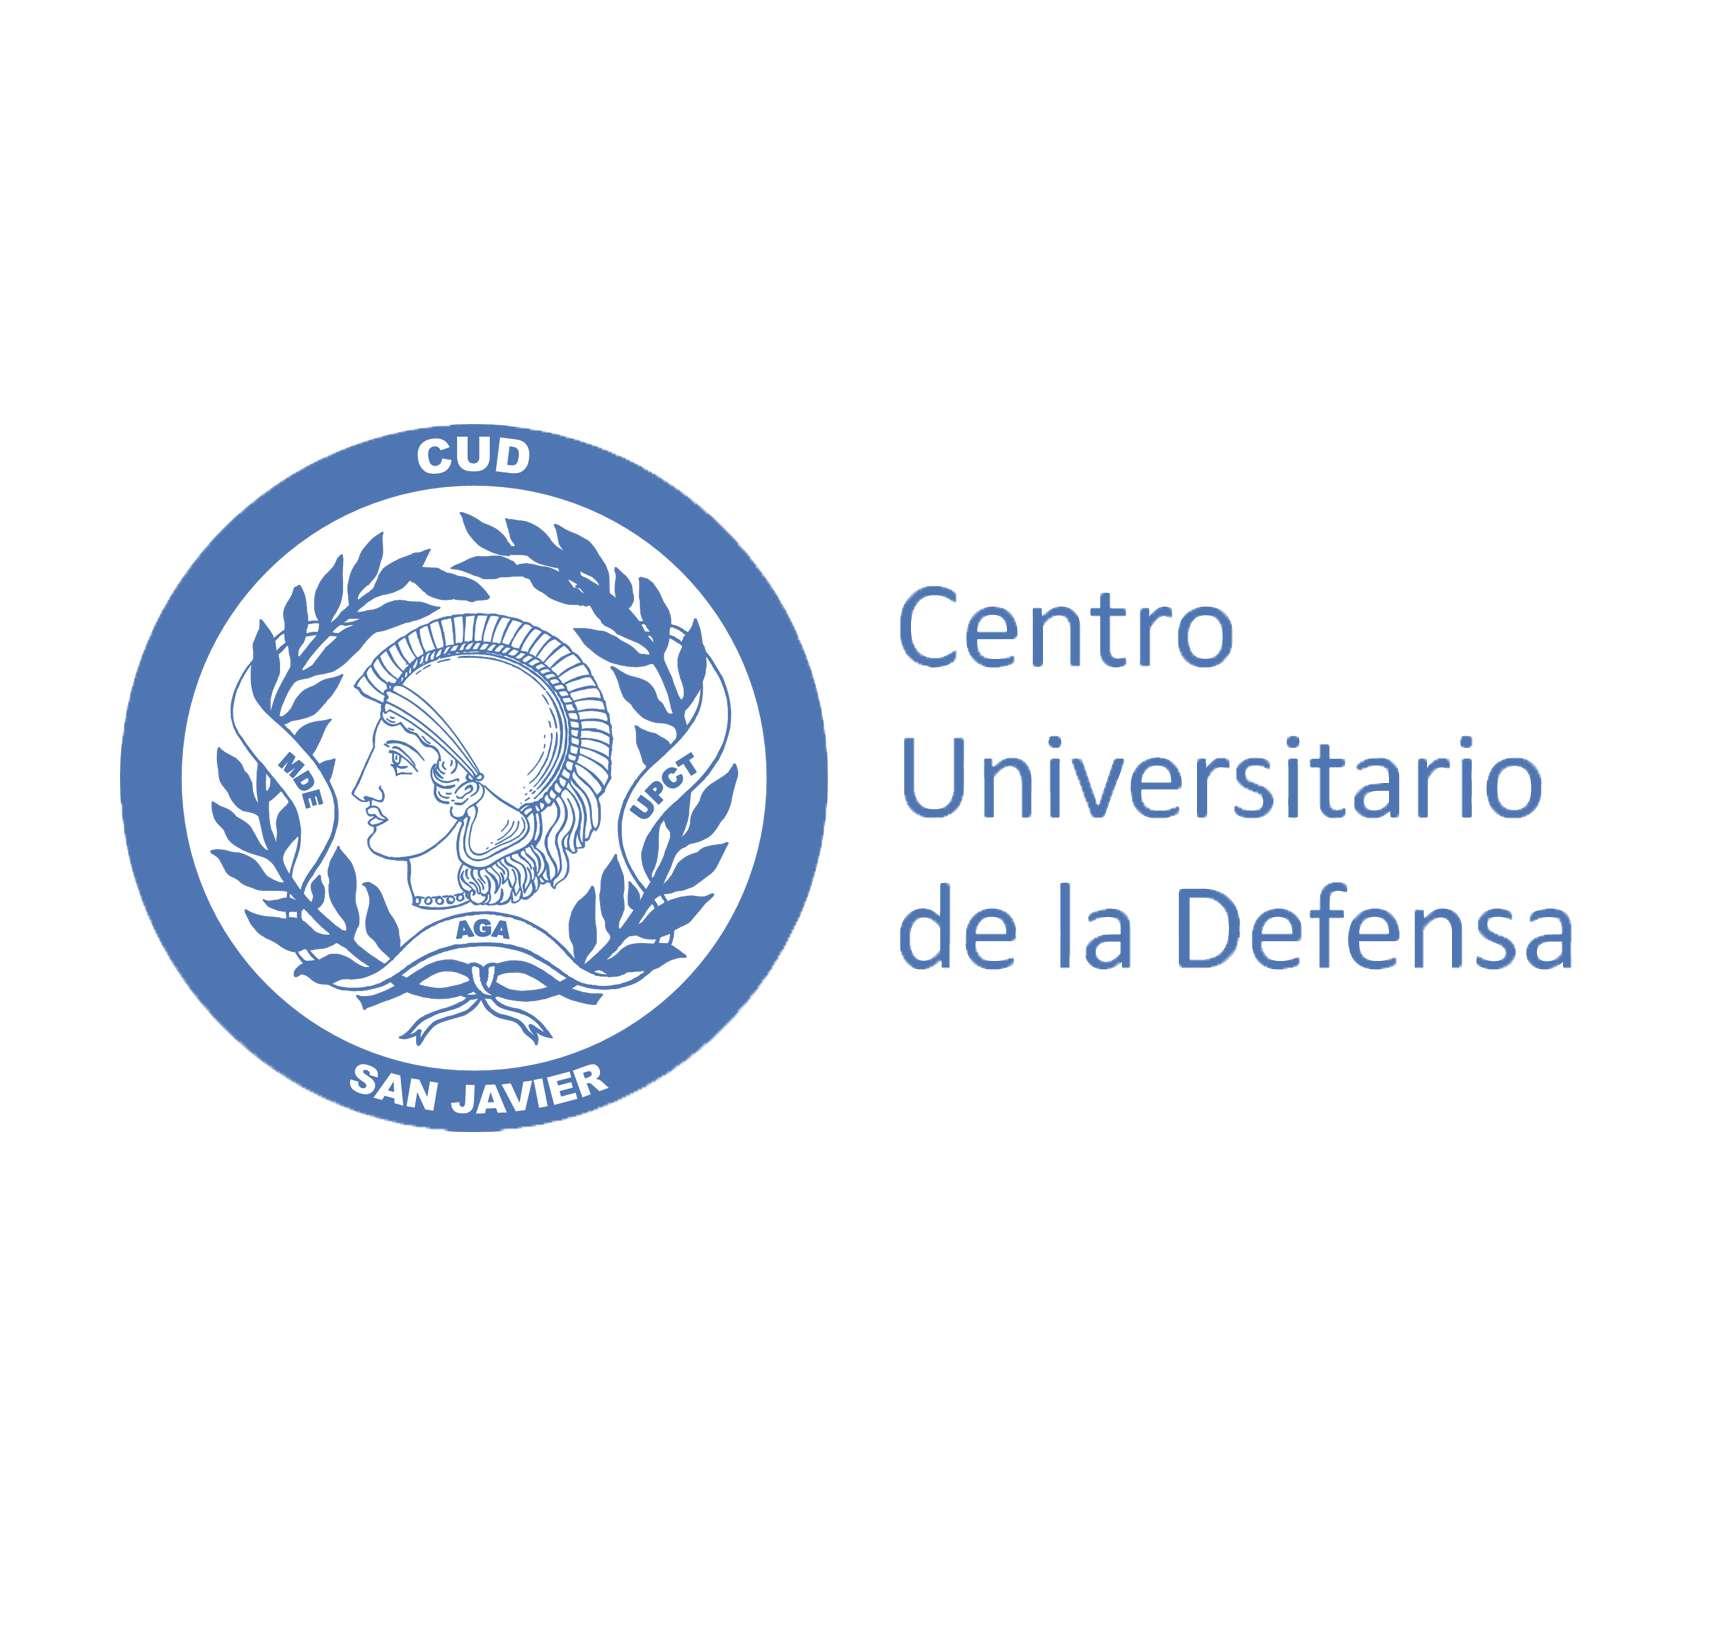 Centro univ.Aire